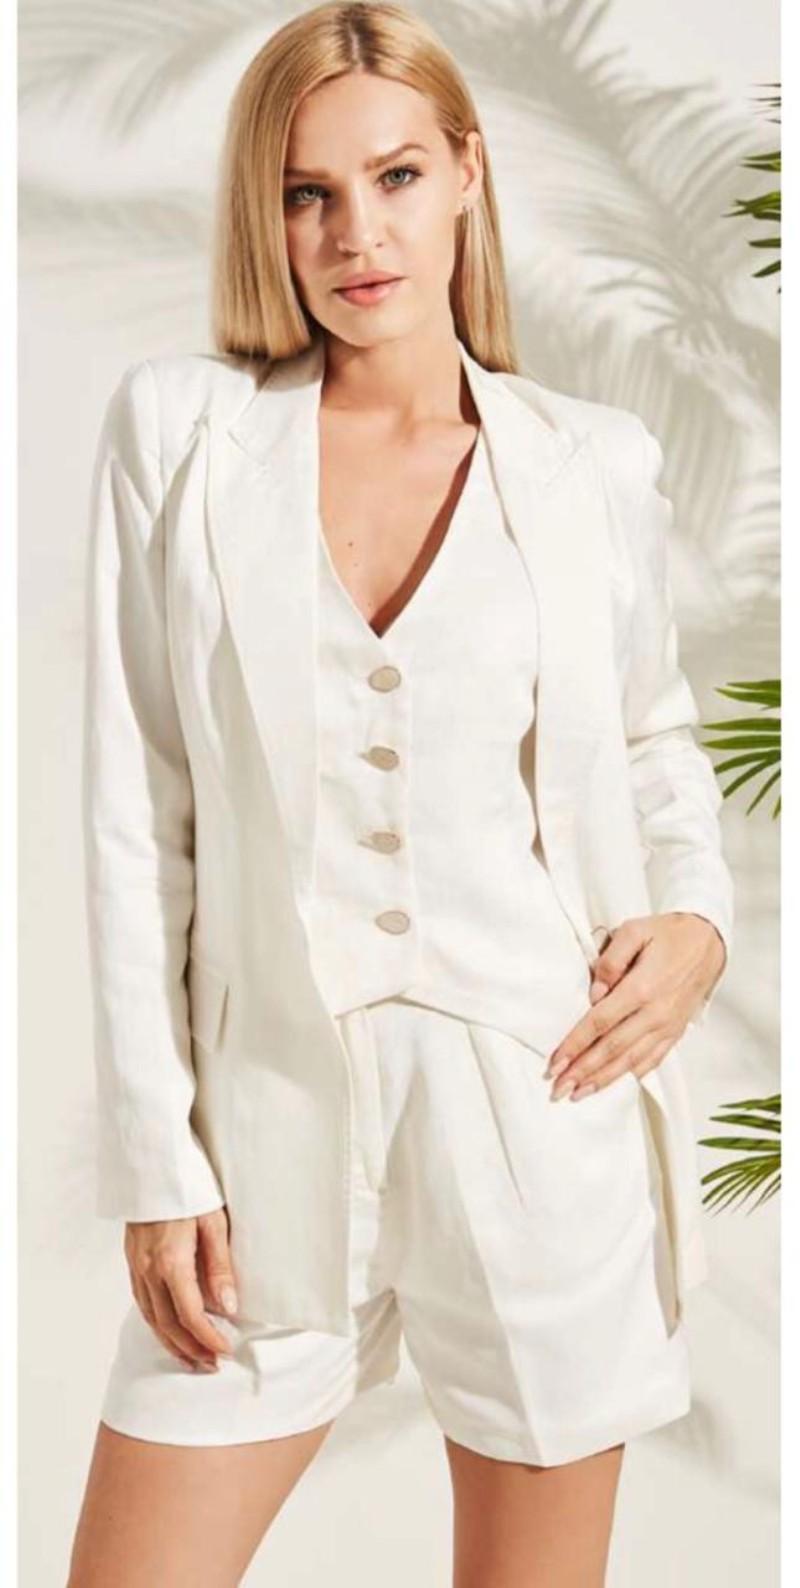 85 $ костюм; 24$ жилет; 23$ шорты; 43 $ пиджак  / заказ модели от 5 шт ( размеры от S - XL)